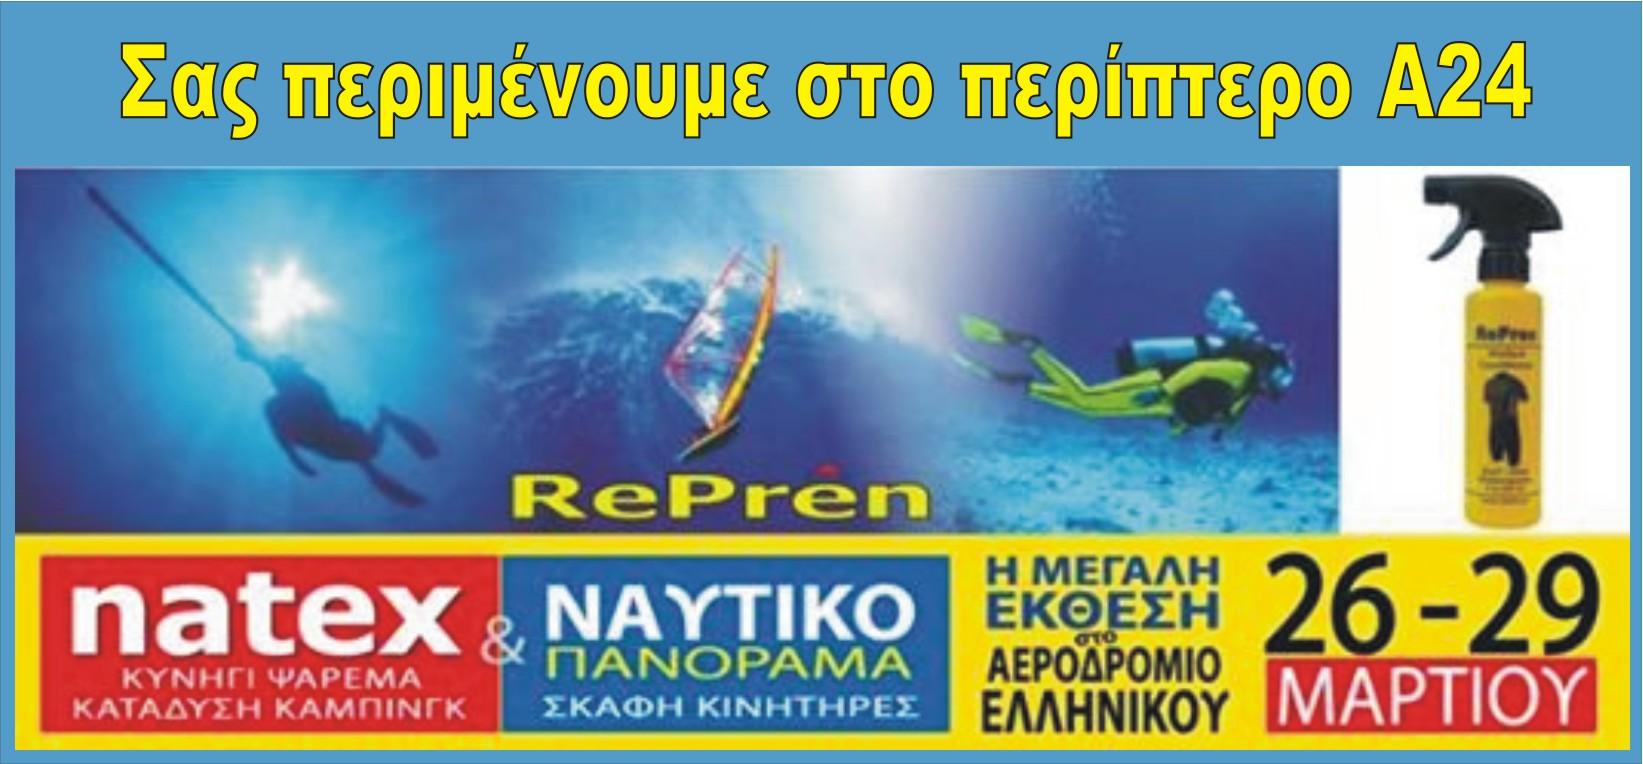 Το RePren στη natex ... περίπτερο Α24